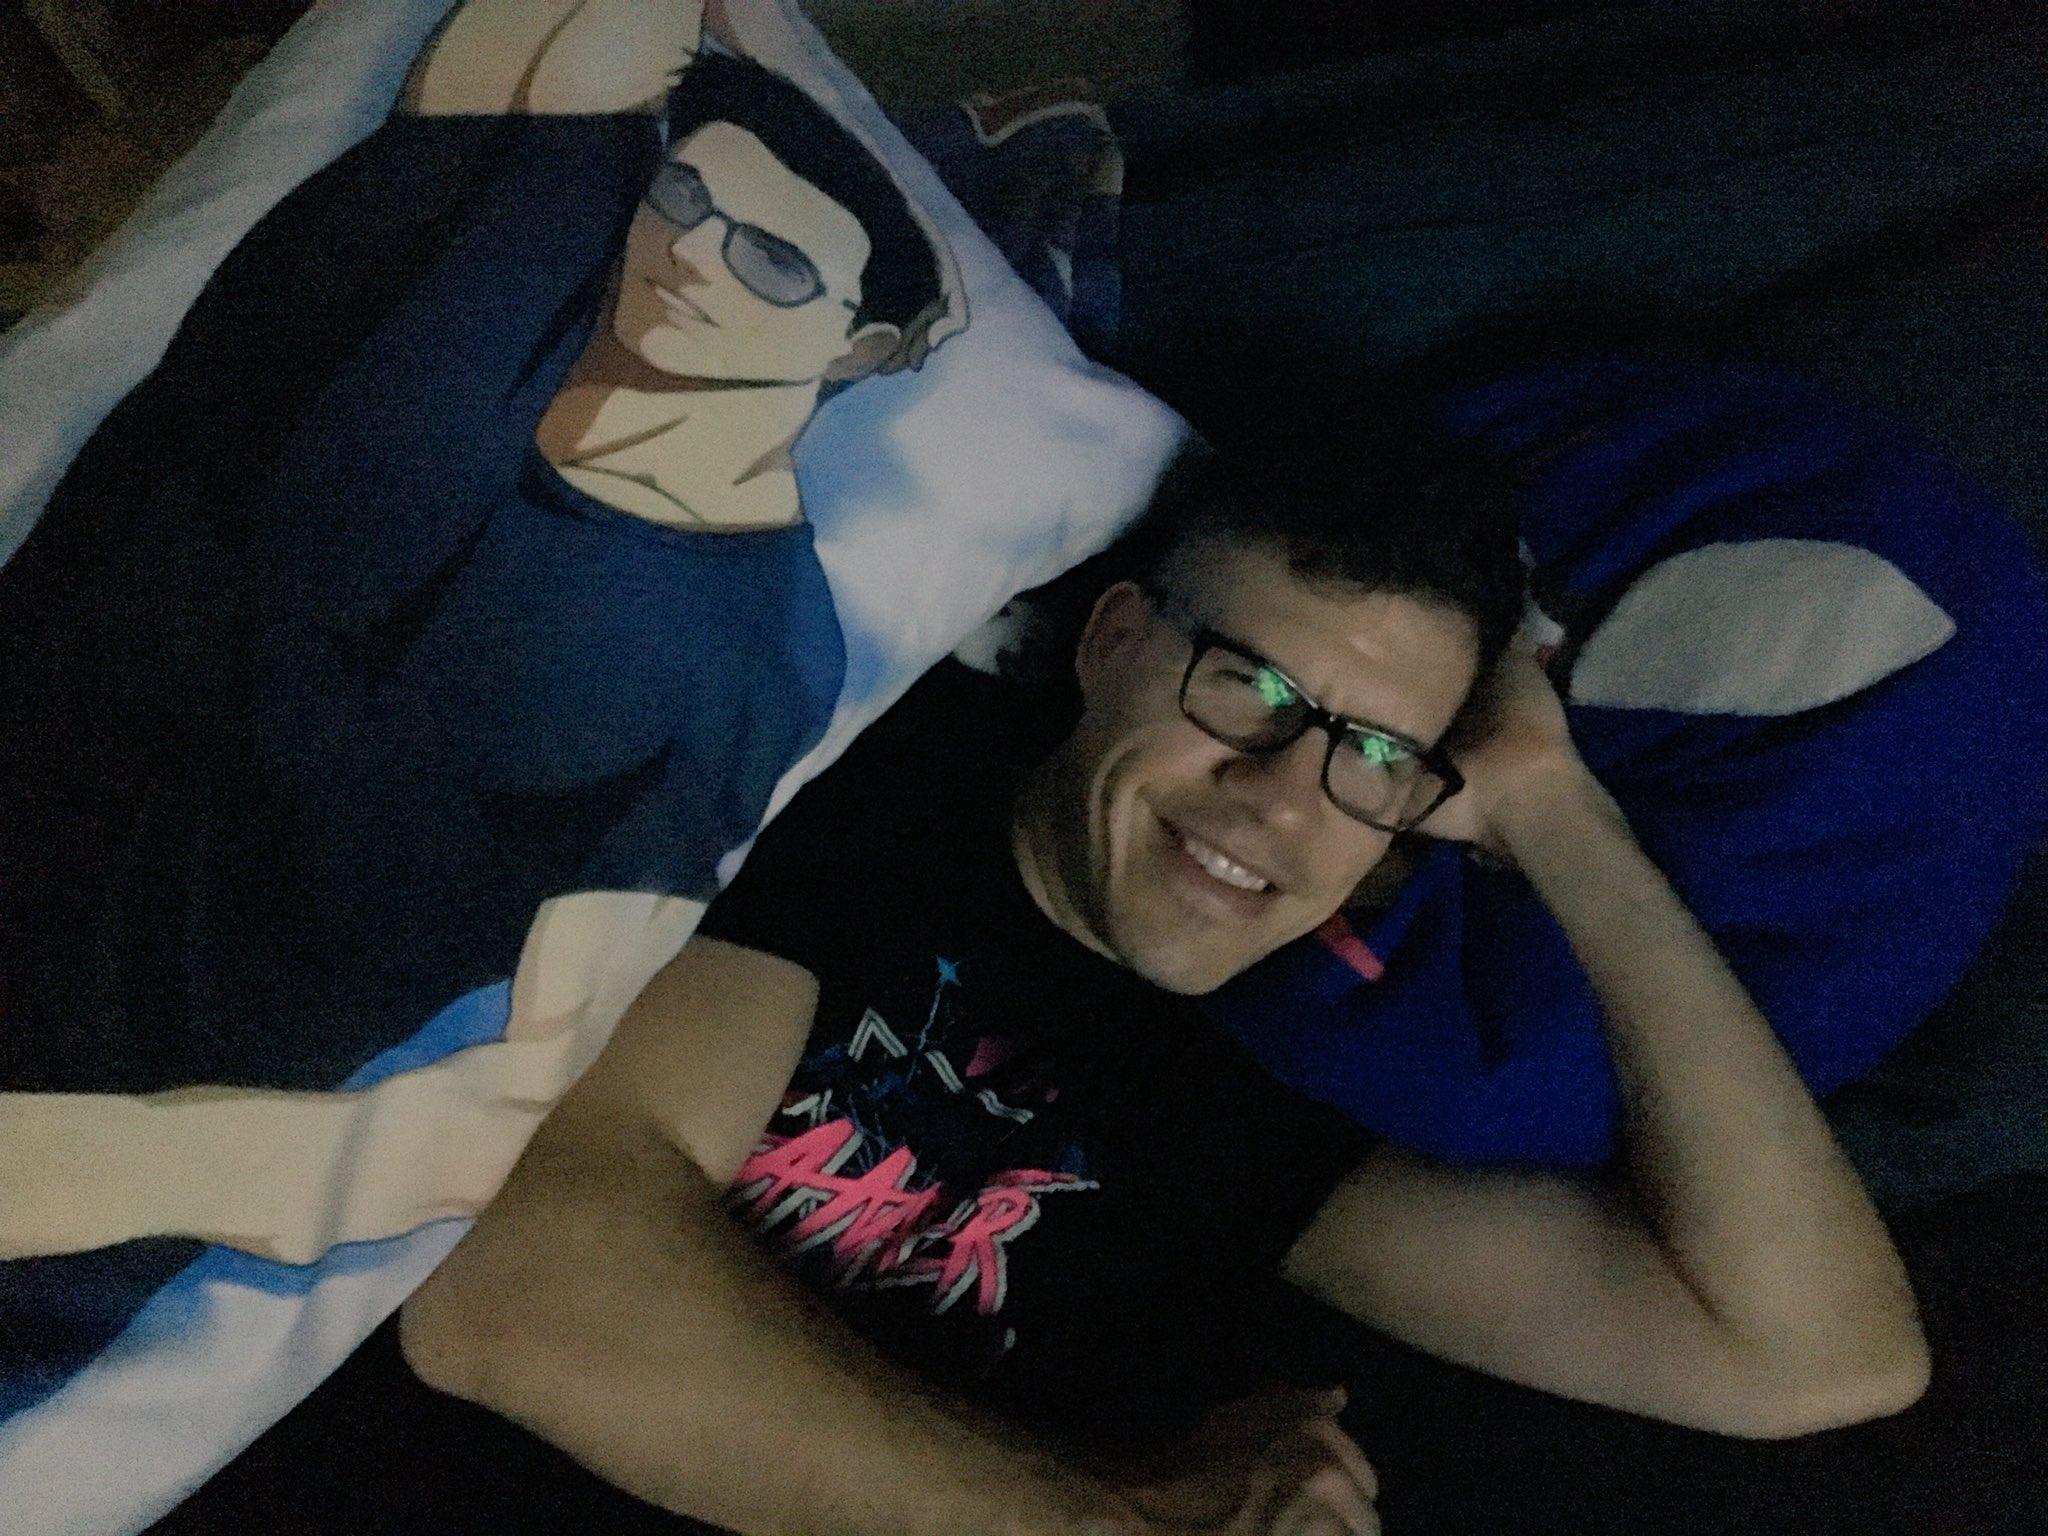 """Ͻ""""tephanie Ͻ'ayer On Twitter Because I Am An Excellent Girlfriend I Turned Sirlarr Into An Anime Body Pillow I Couldn T Stop Laughing As I Took This Pic Https T Co Sqqwit8iej Do you love libraries and want to work at one of the busiest spots in town? stephanie bayer on twitter because i"""